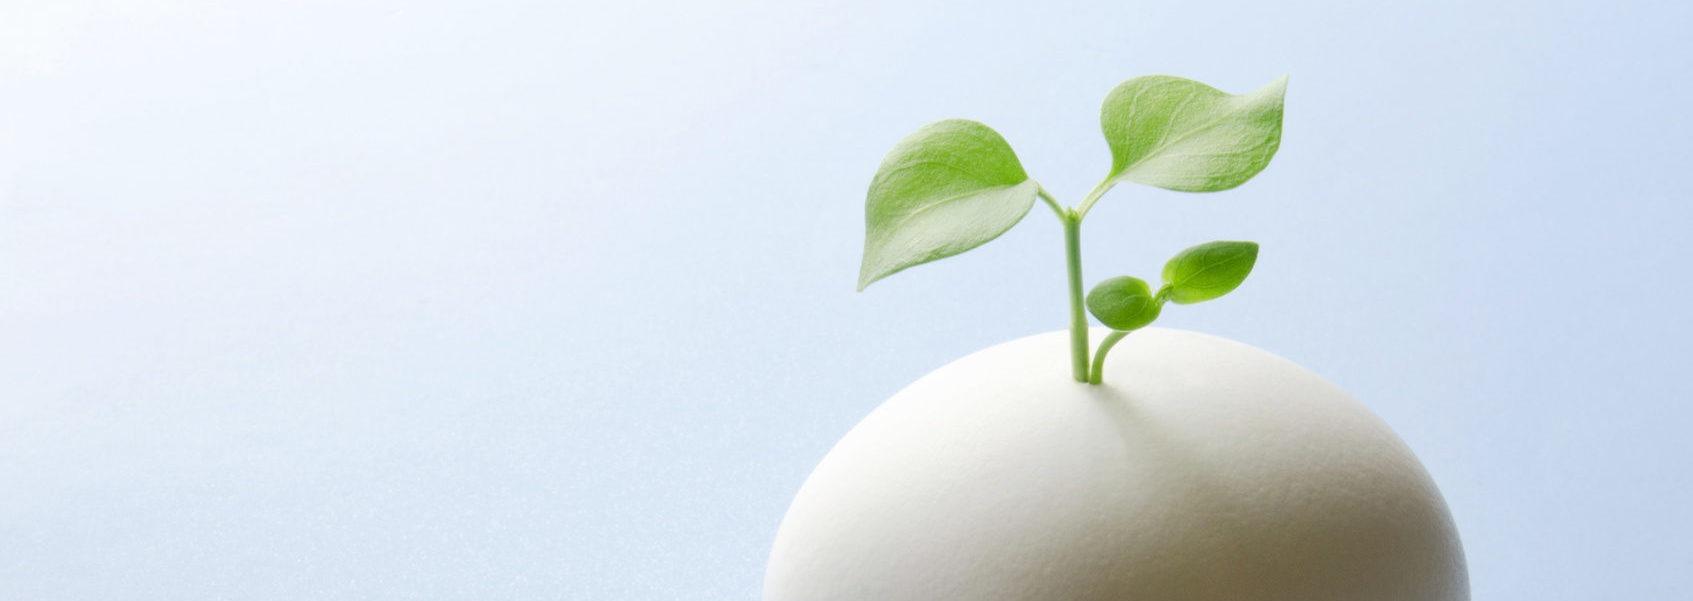 「小規模事業者持続化補助金」申請サポート